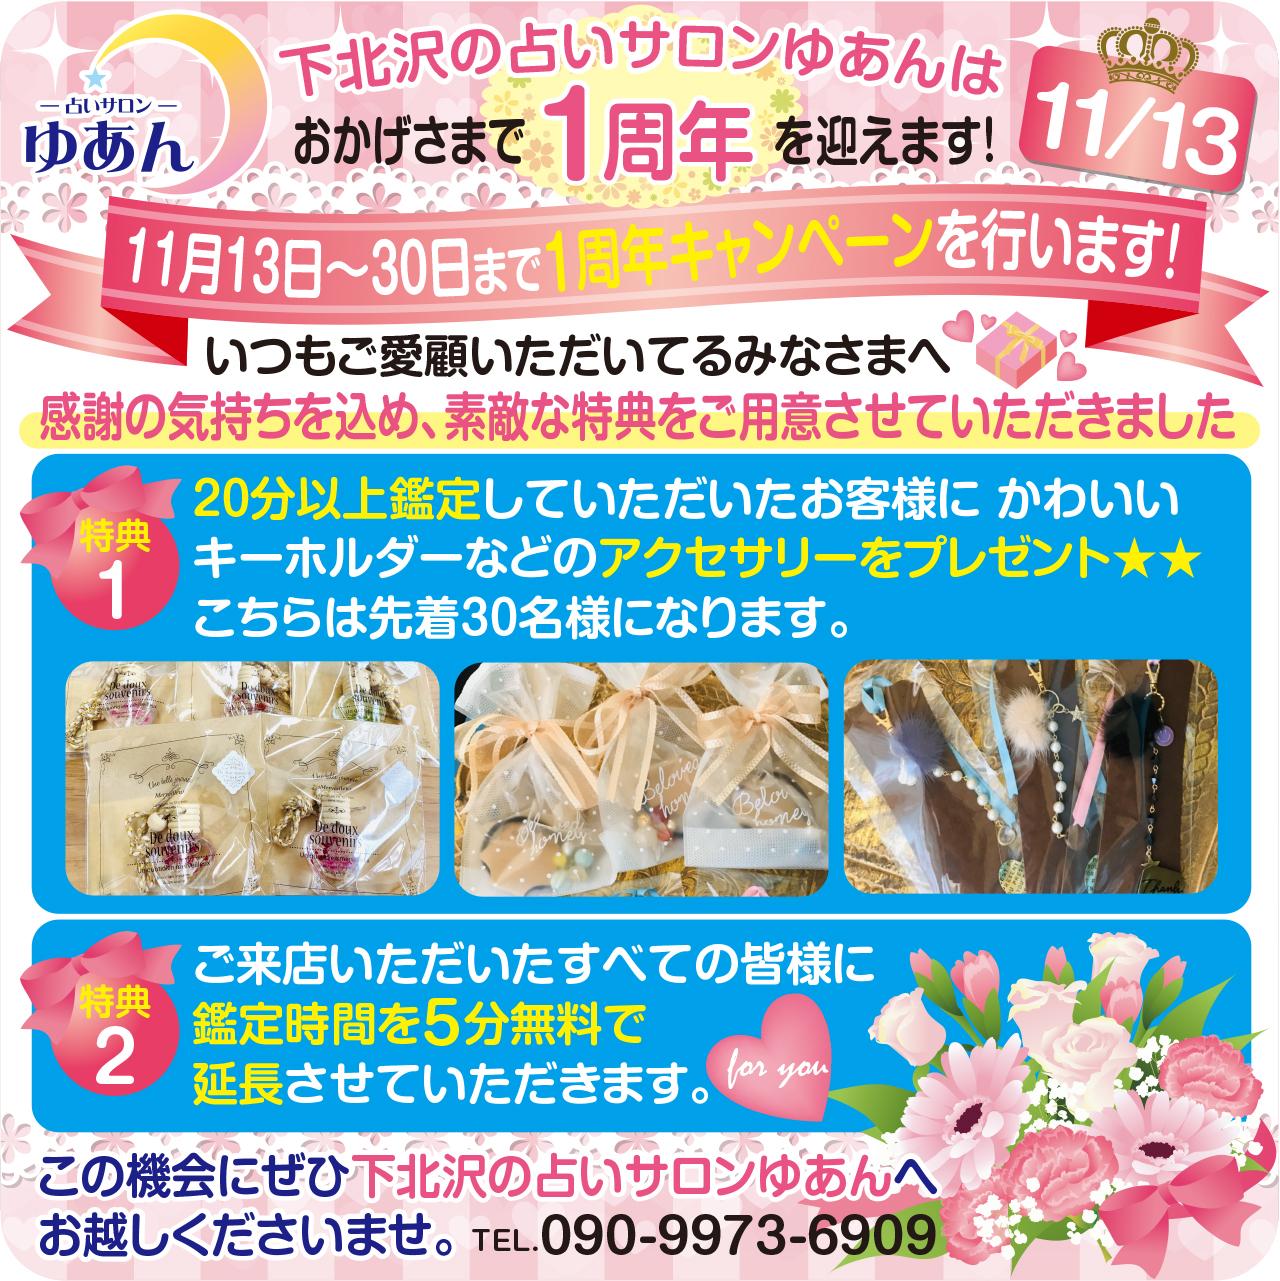 下北沢占いサロンゆあん1周年記念キャンペーン